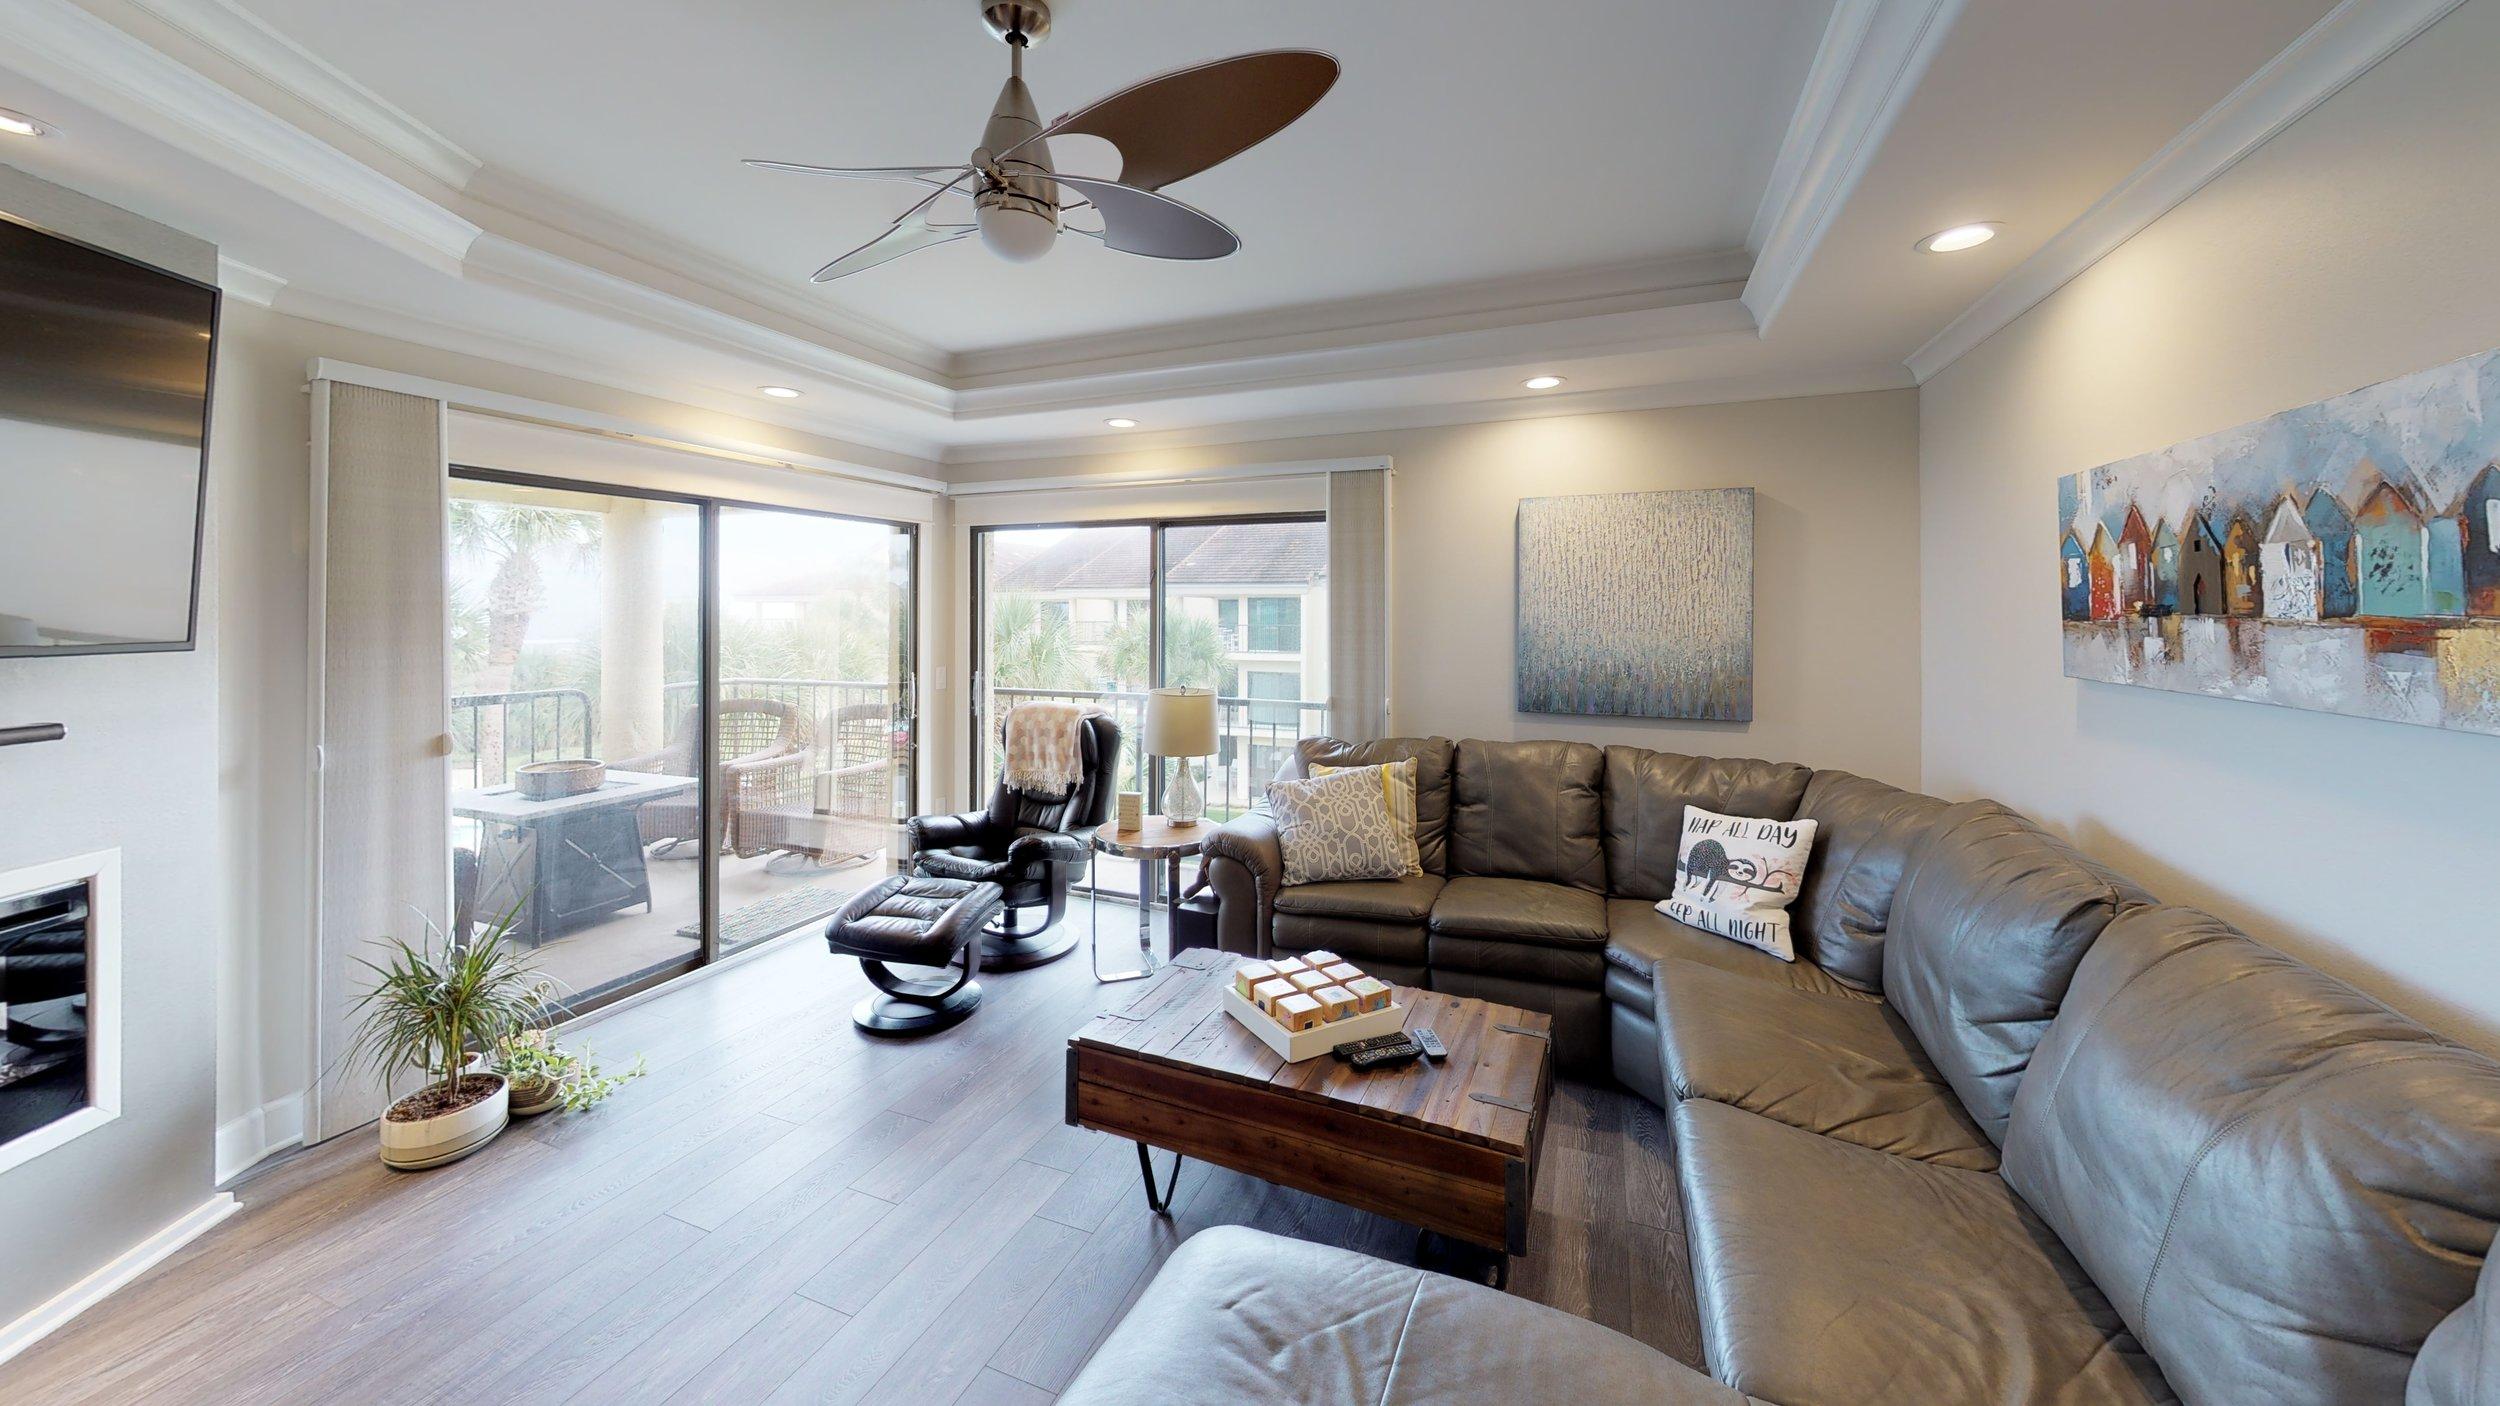 314-Caribe-Vista-Living-Room(1).jpg